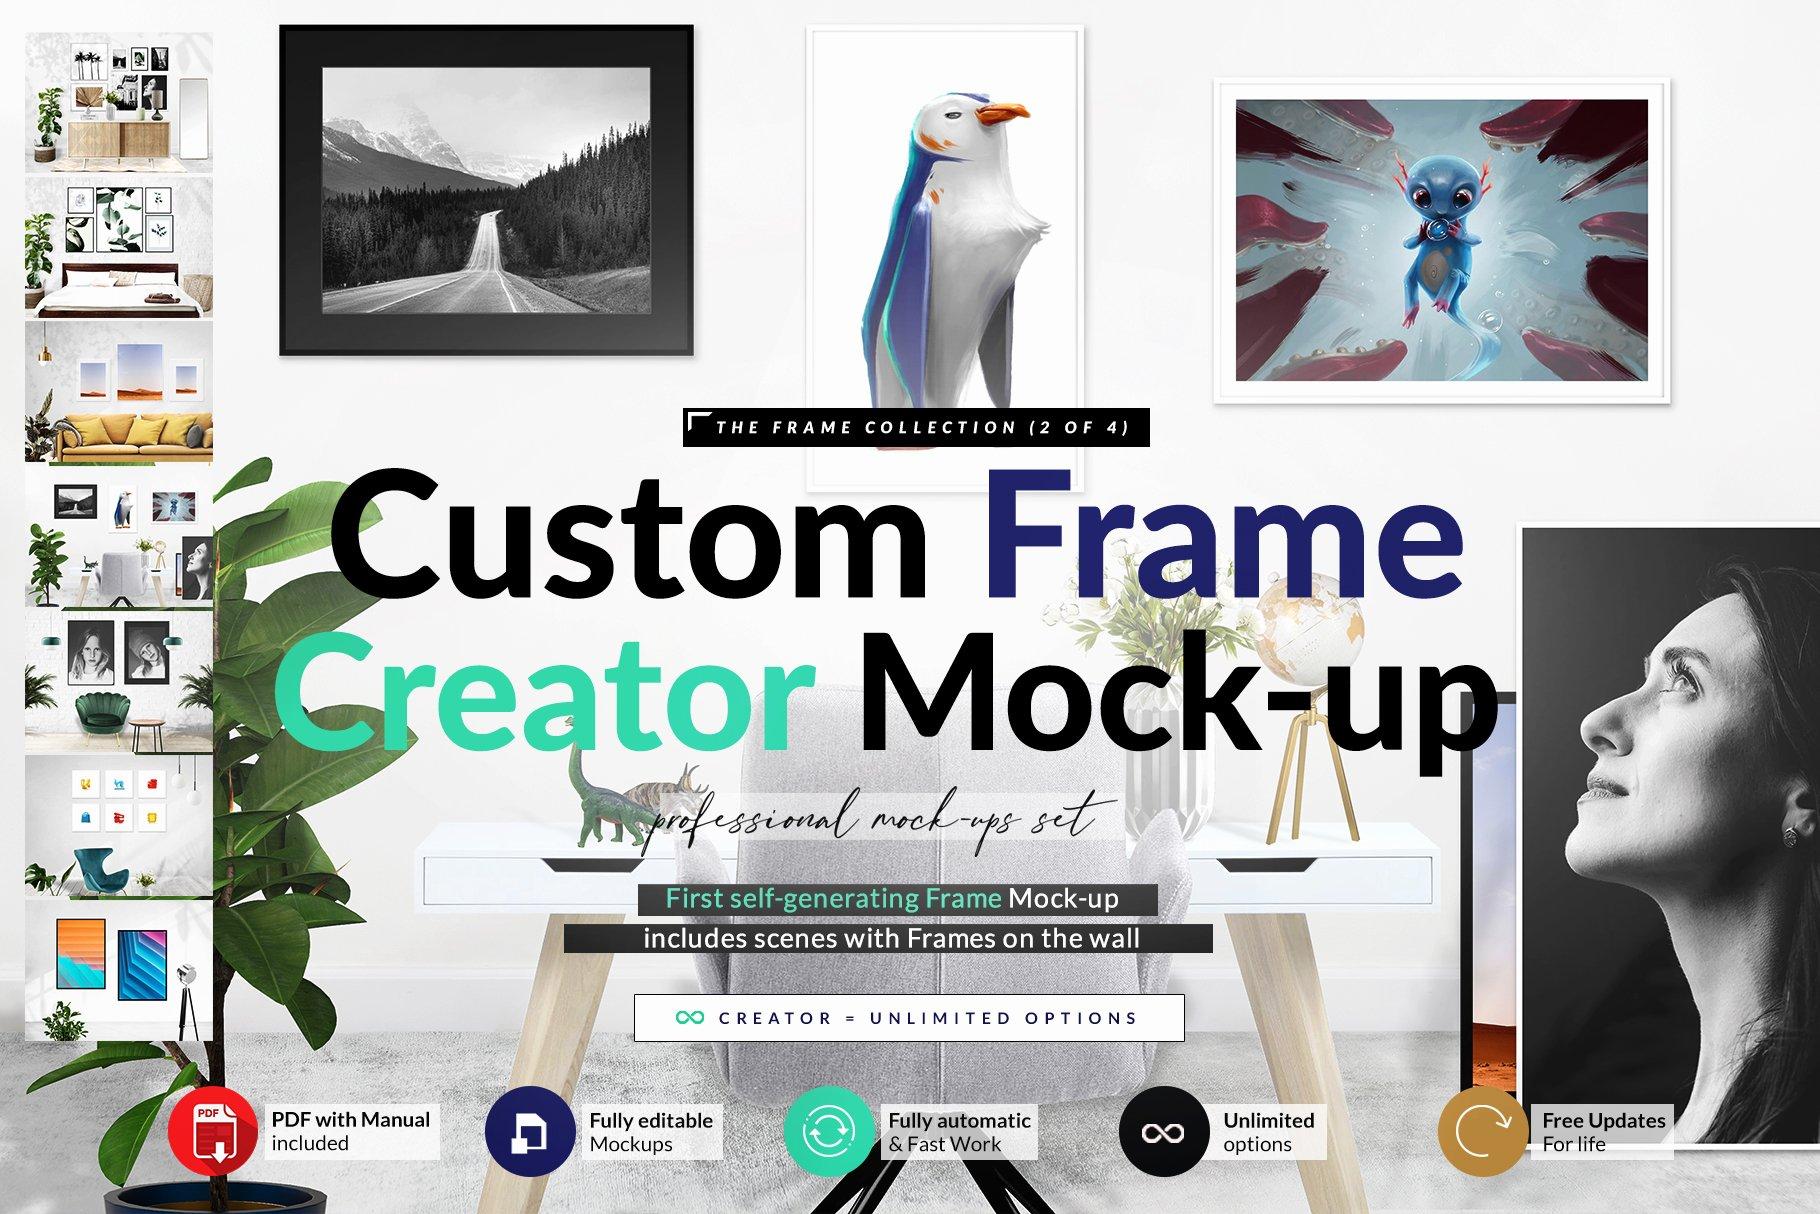 多款式海报艺术品展示相框样机模板素材 Automatic Frame Creator + Scenes插图